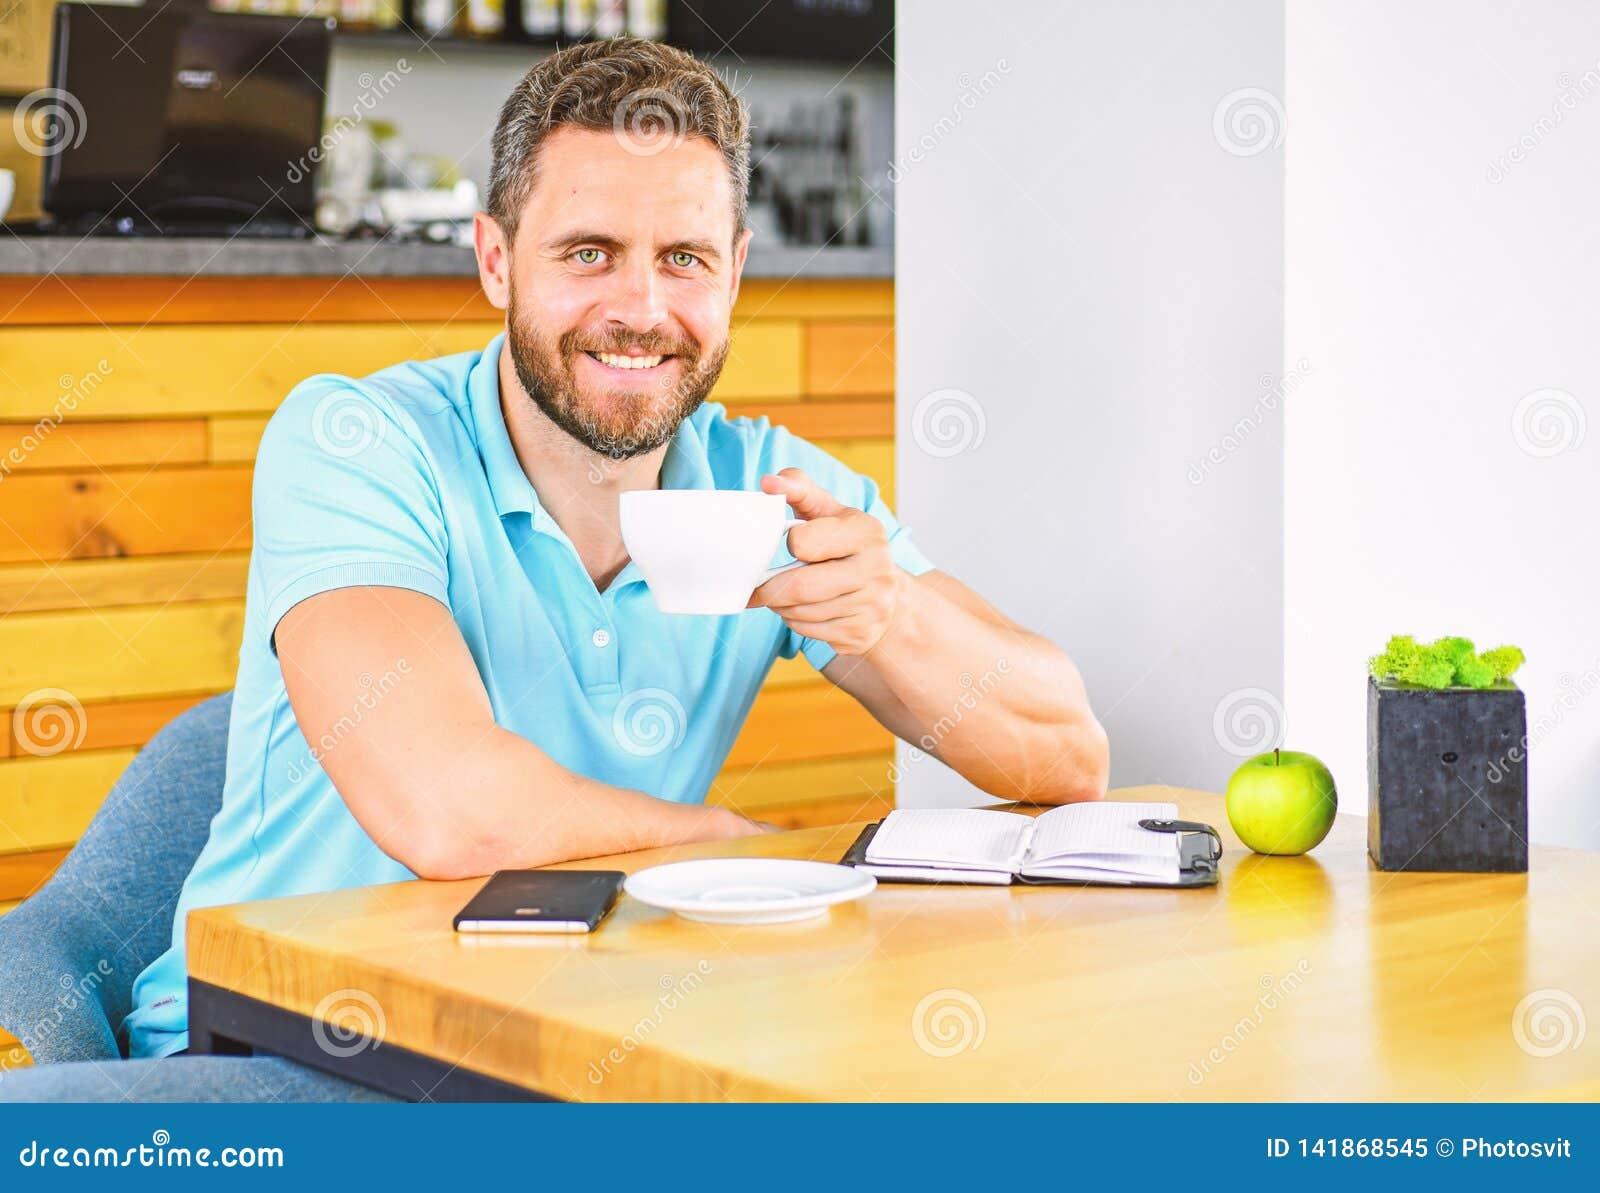 Gesunde Gewohnheiten Gesunde Mannsorgfalt-Vitaminnahrung während des Arbeitstages Körperliches und Geisteswohlkonzept Mann sitzen